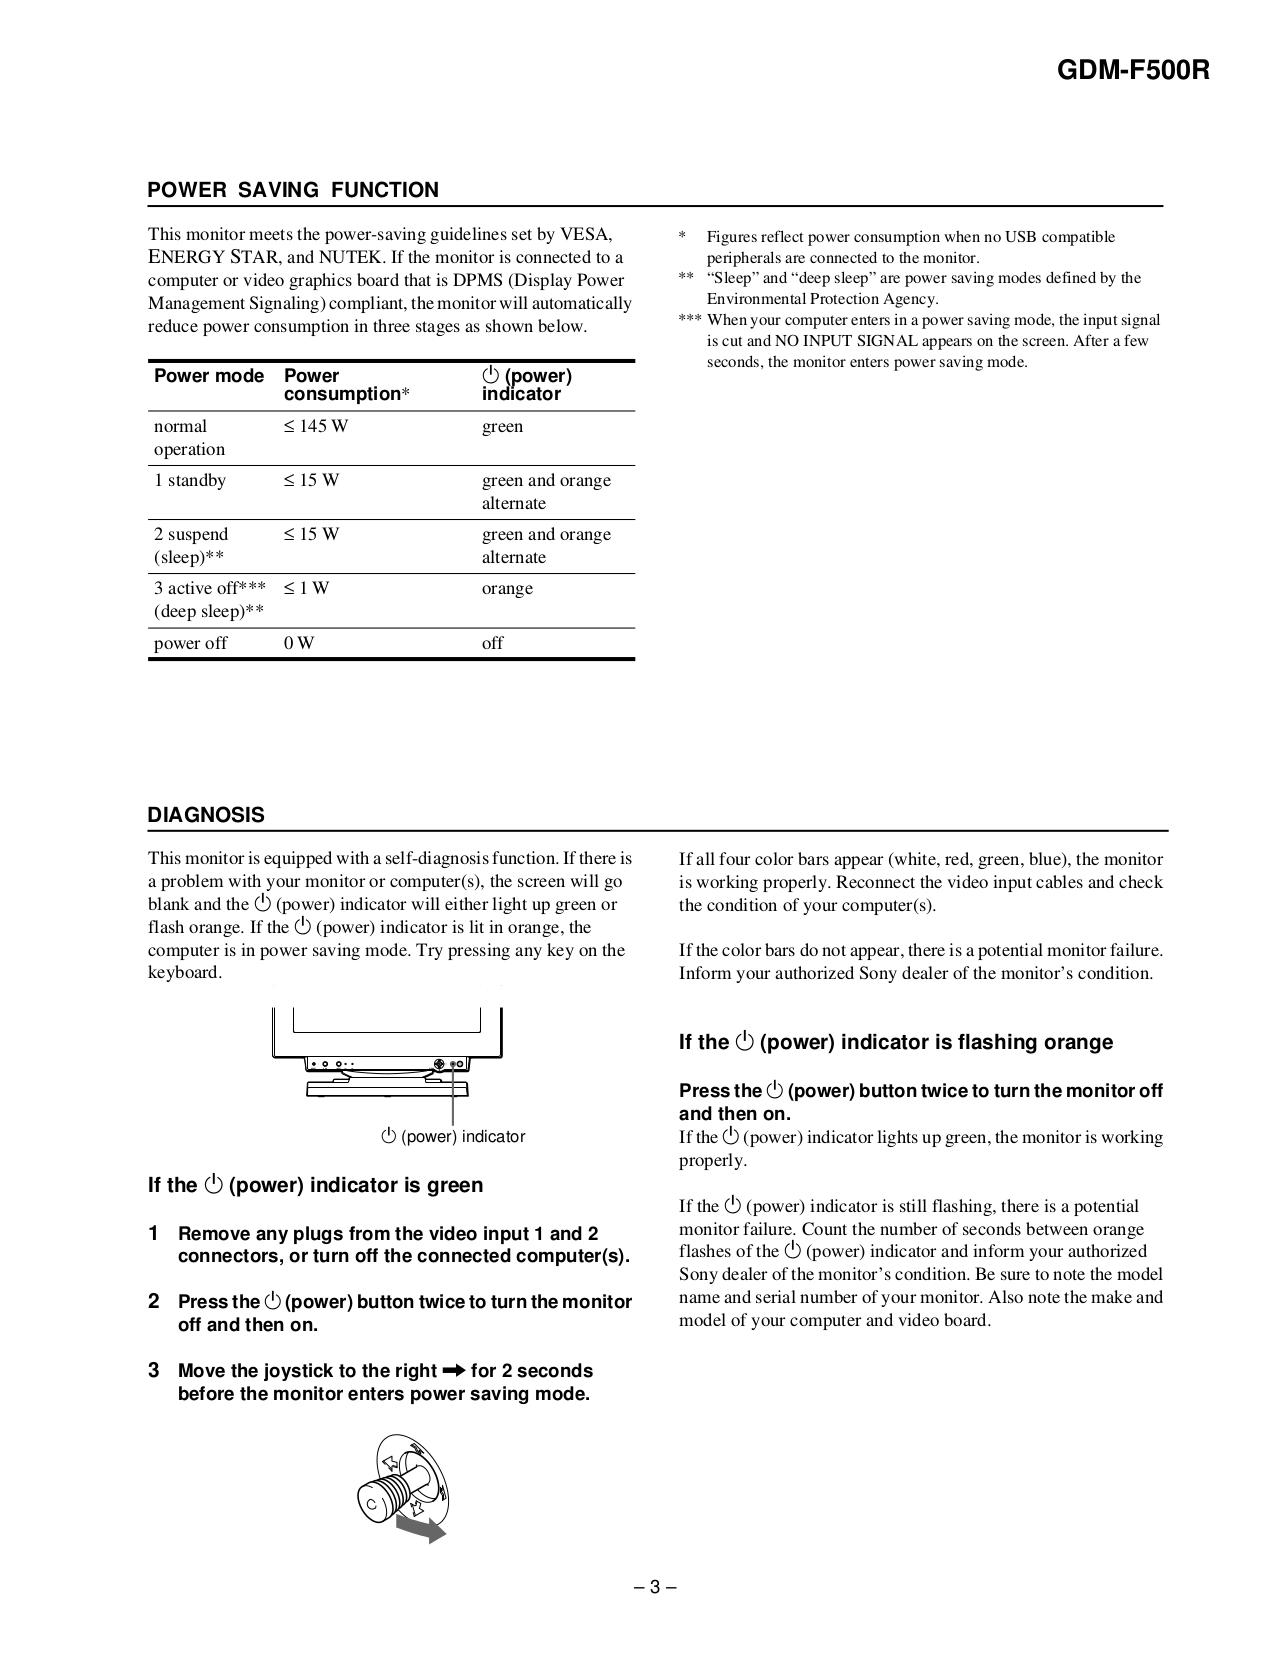 PDF manual for Sony Monitor GDM-F500R